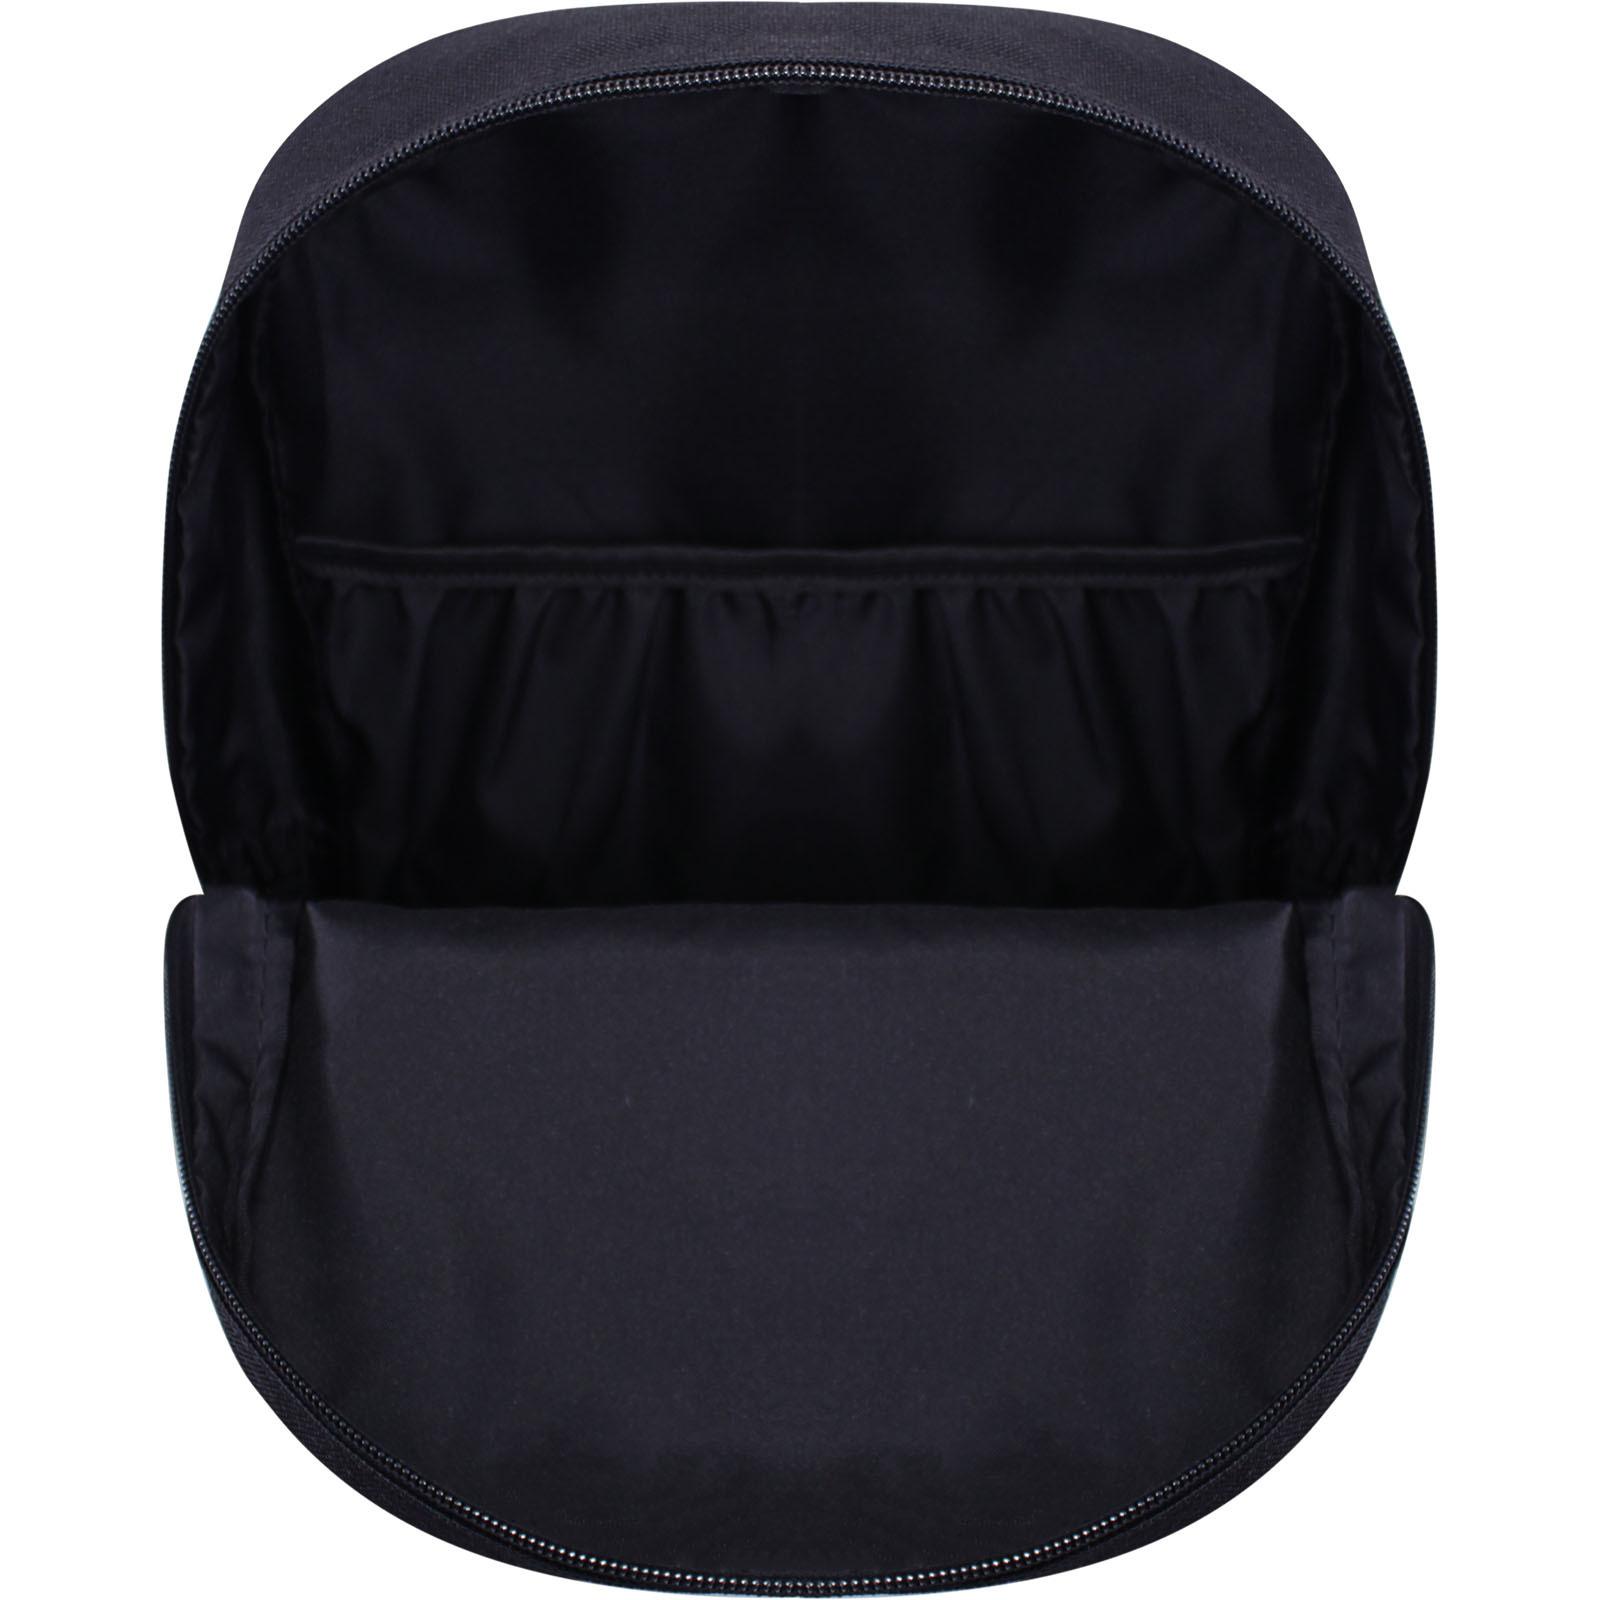 Рюкзак Bagland Молодежный mini 8 л. черный 743 (0050866) фото 4